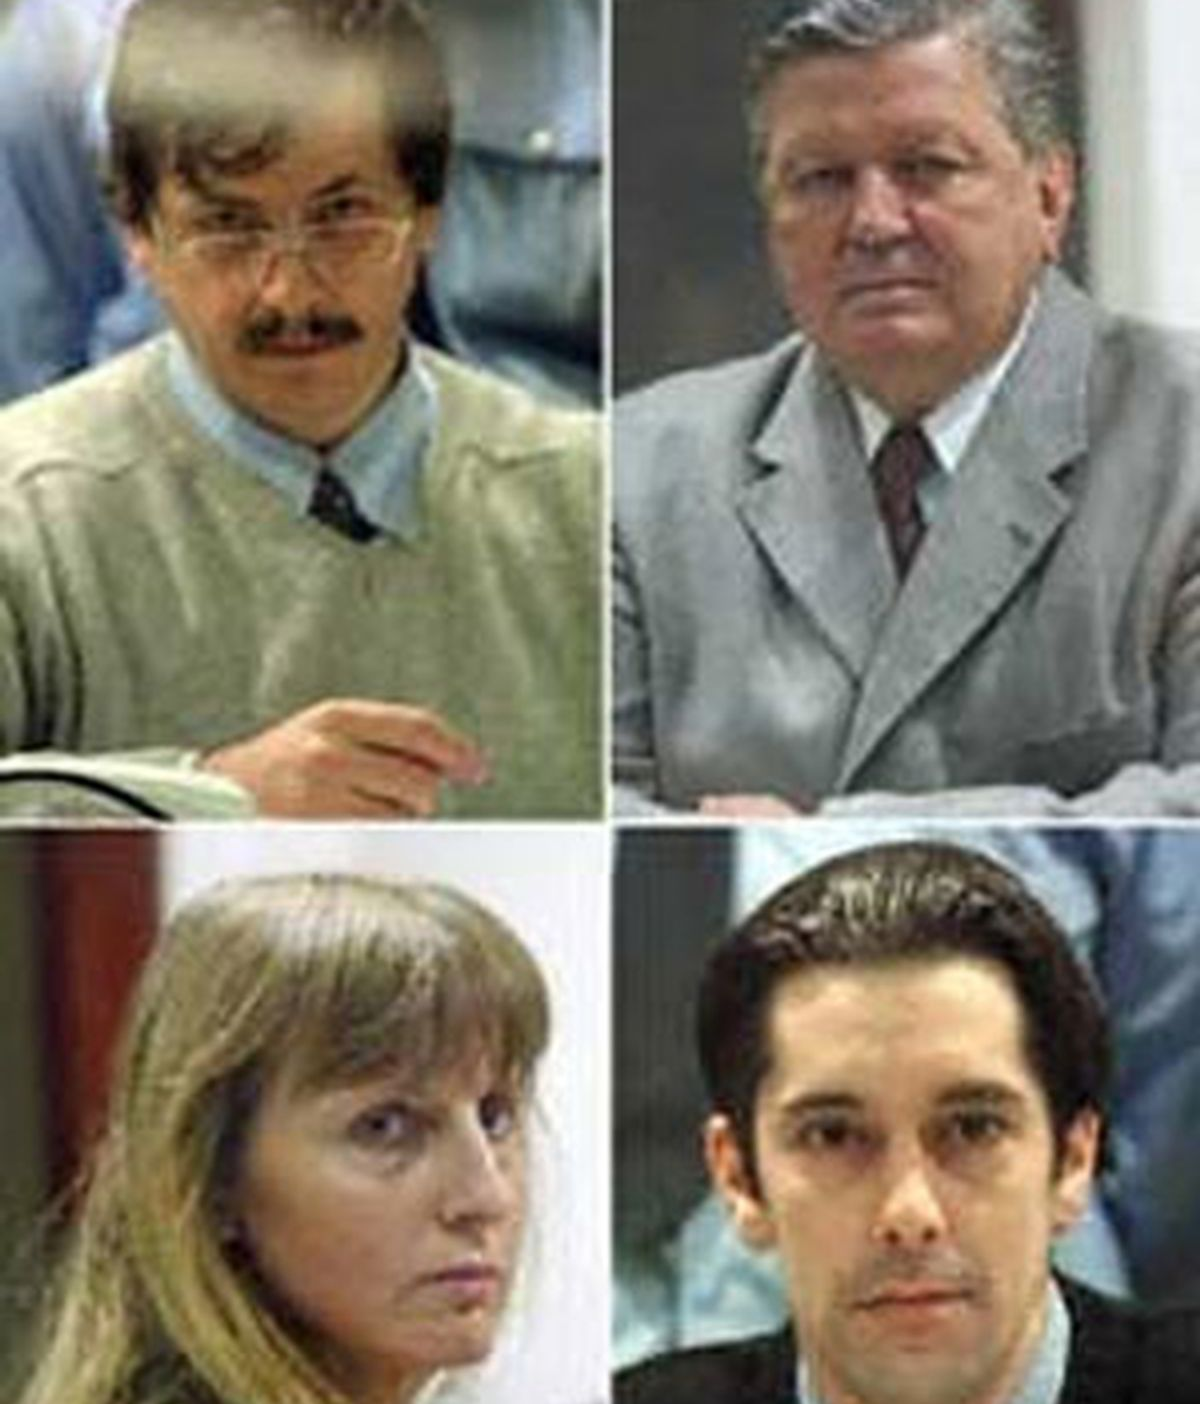 Los cuatro implicados en los crímenes: Marc Detroux, Michel Nihoul, Michelle Martin y Michel Lelièvre. Foto: AP.